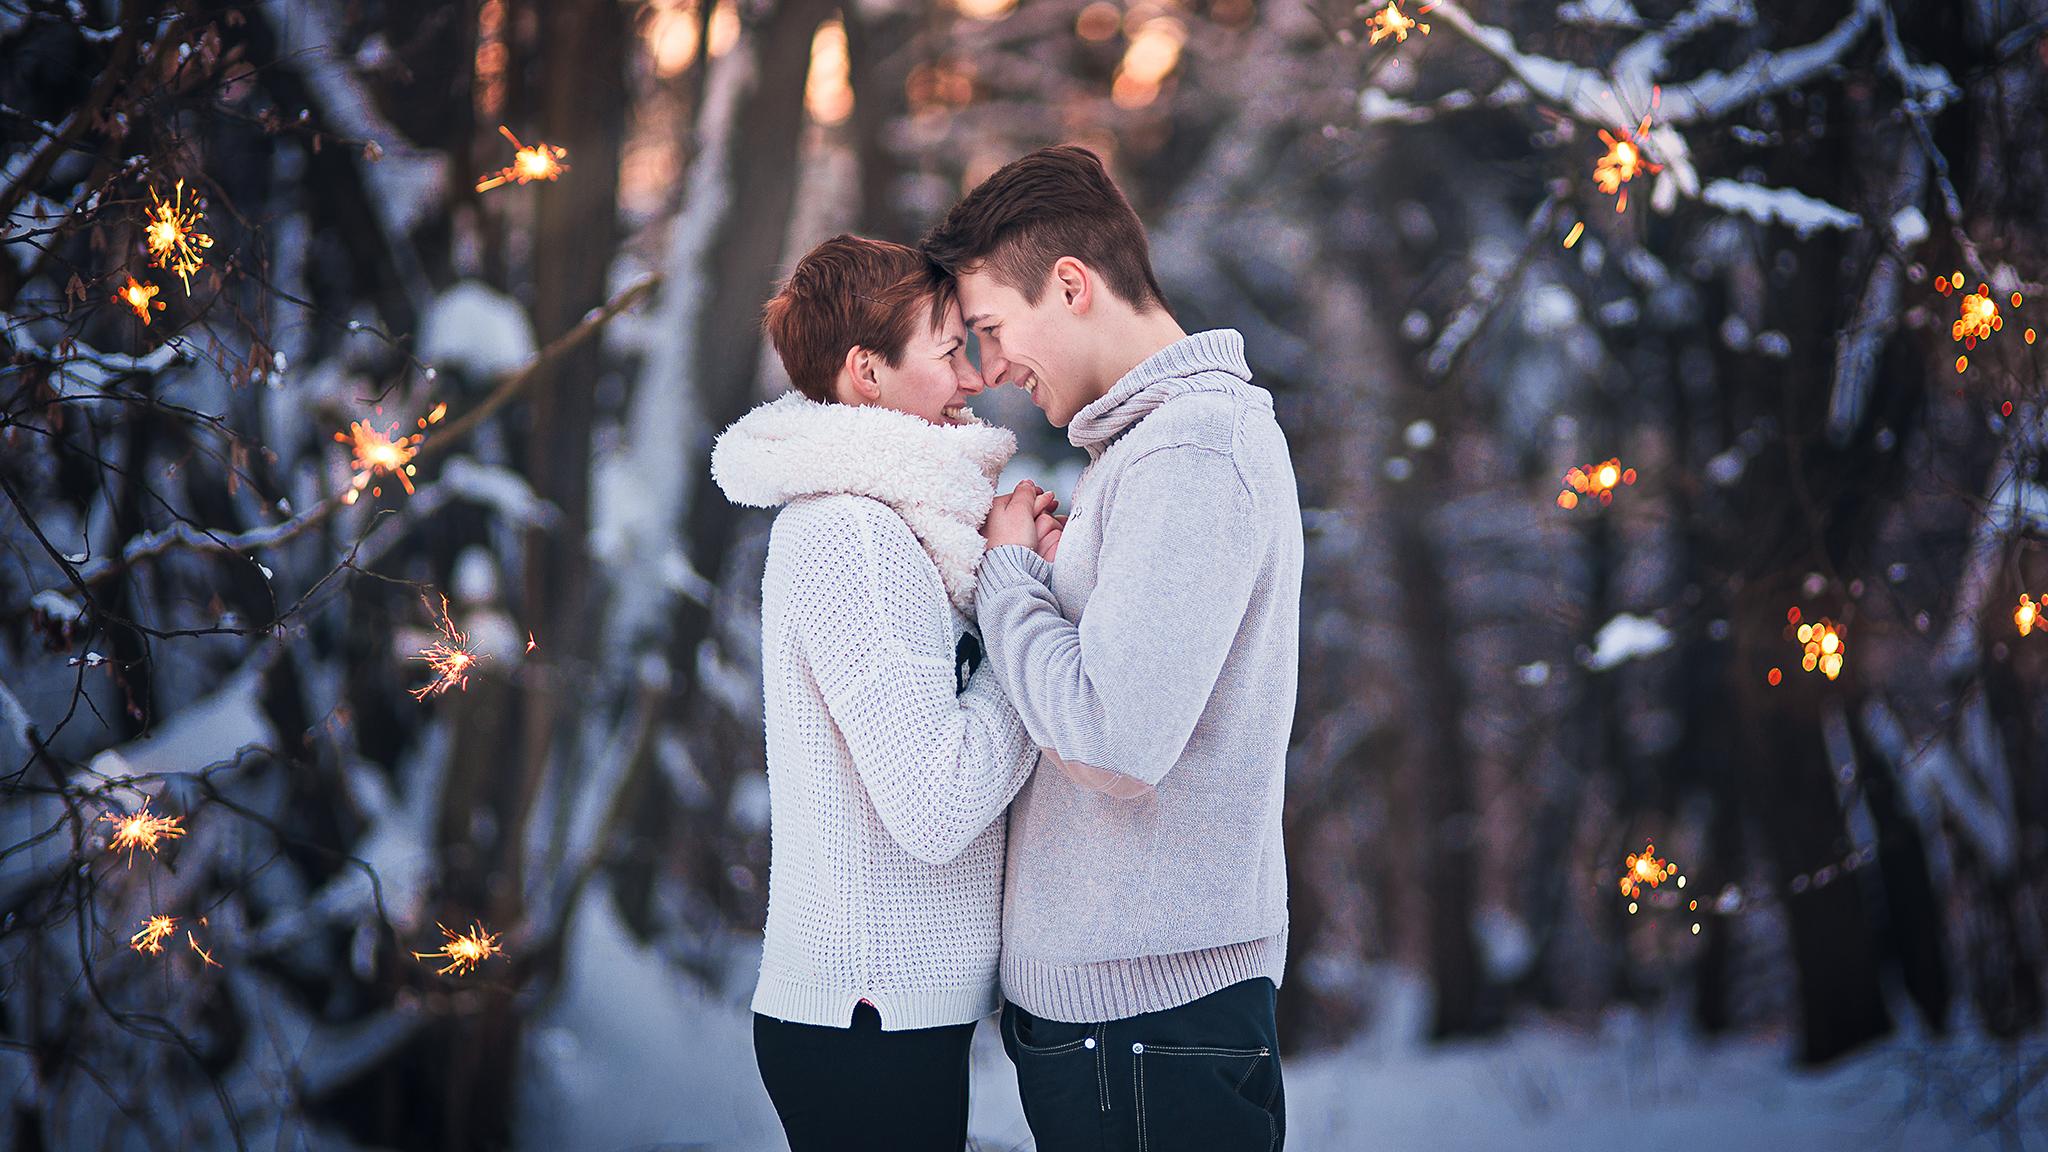 láska, príroda, love, les, západ slnka, sunset, romantika, úsmev, smile, radosť, zamilovaný pár, prskavky, zima, winter